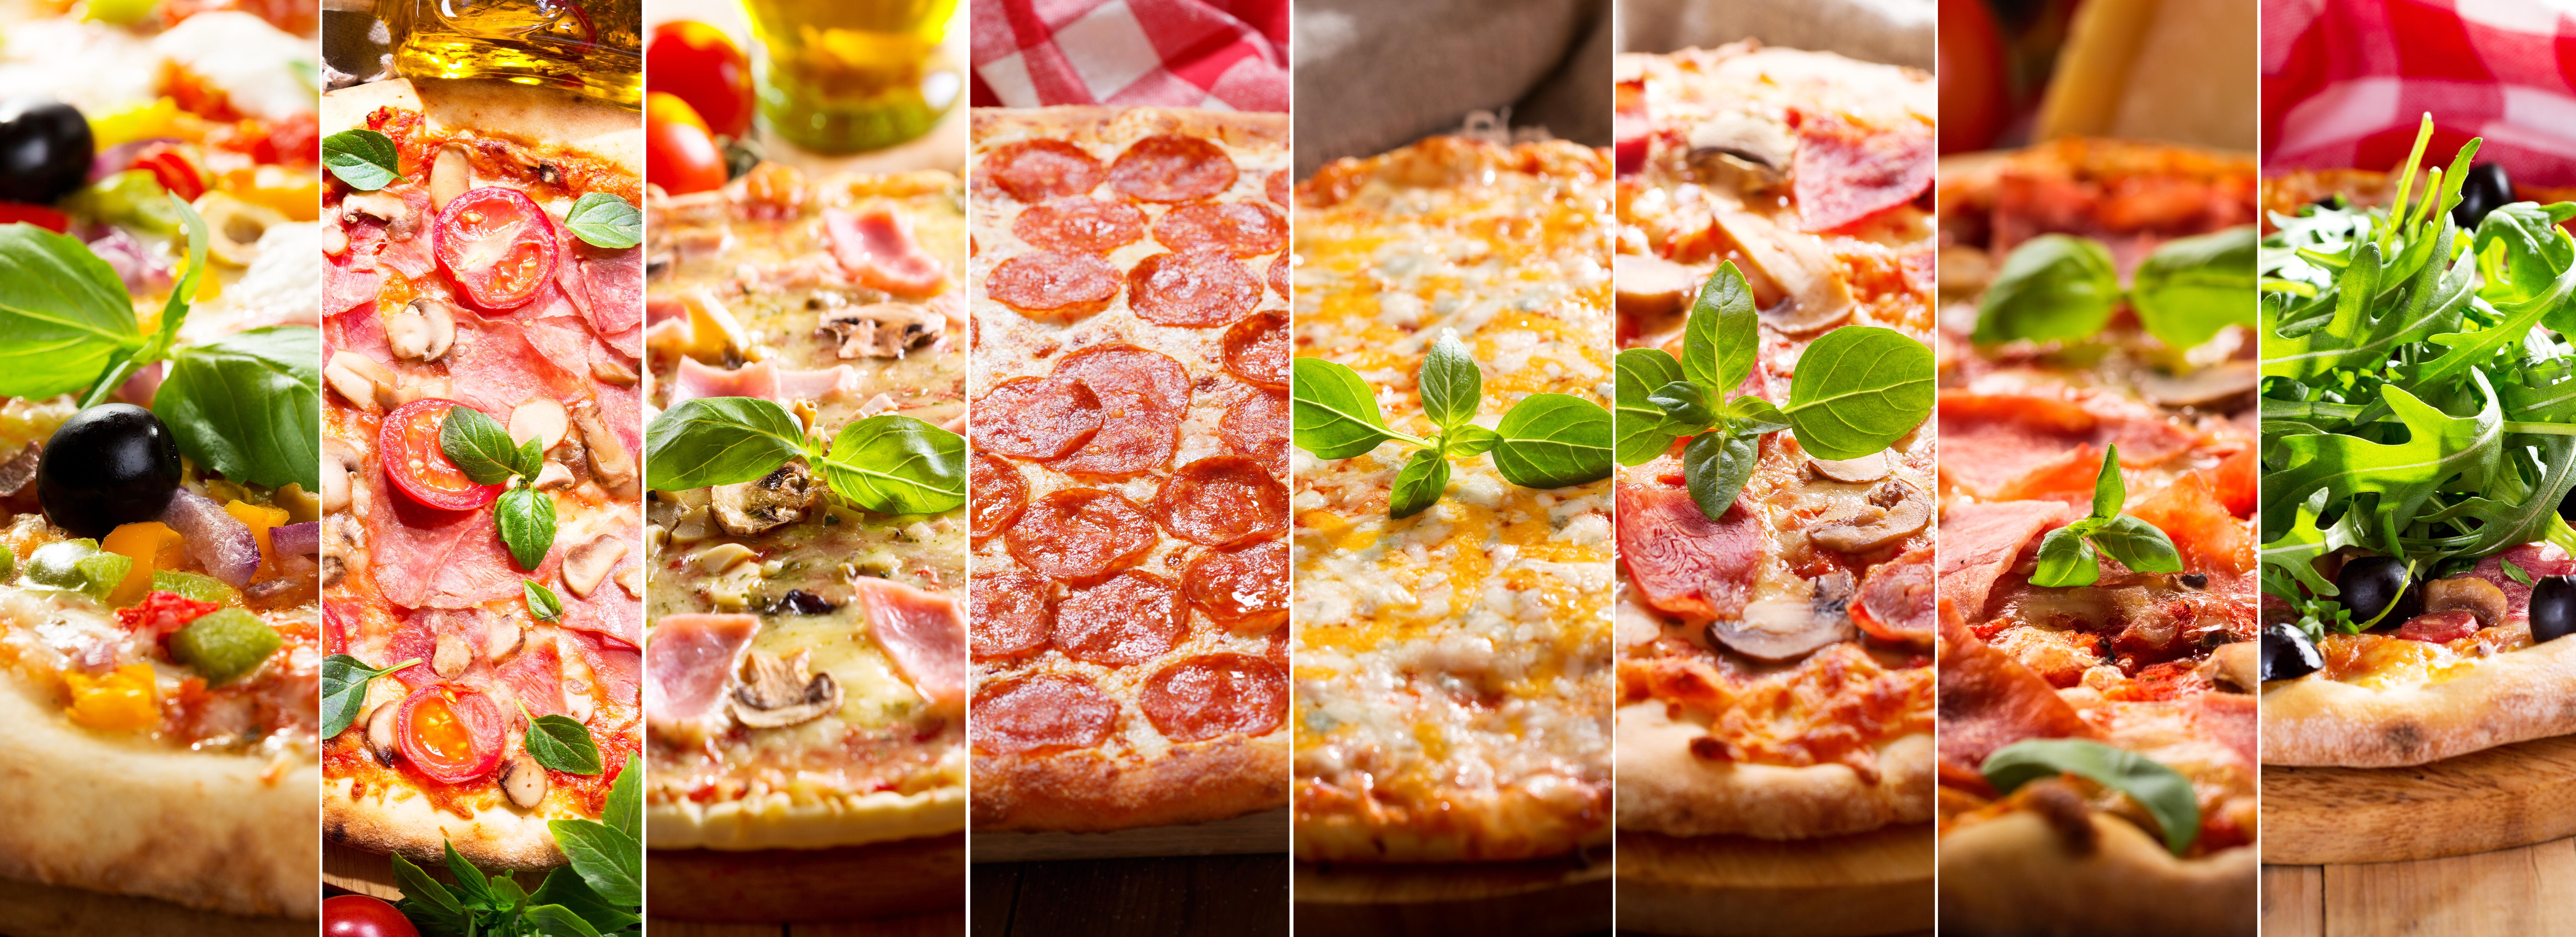 El 9 de febrero es el Día Mundial de la Pizza (Shutterstock)